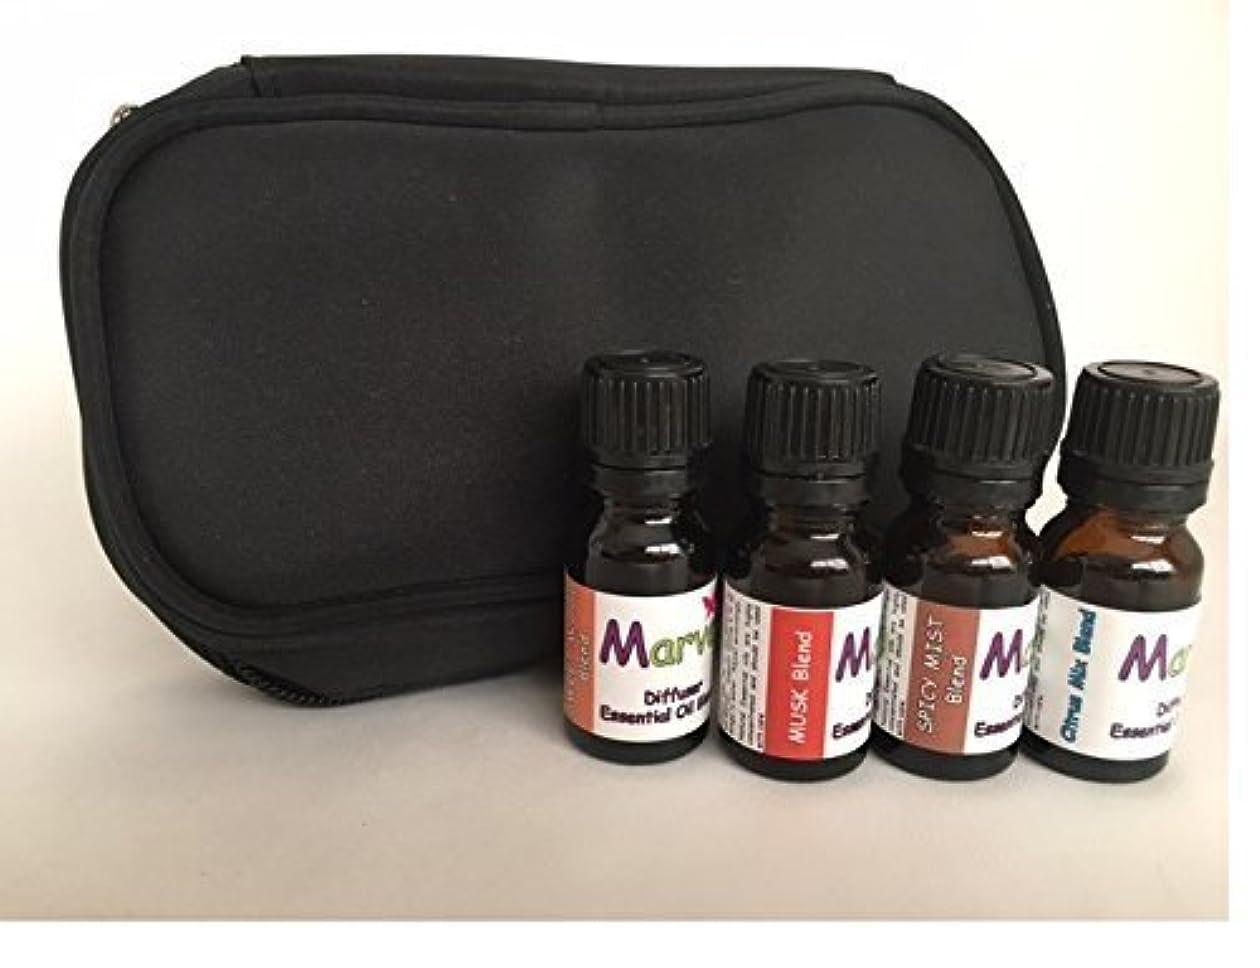 鼓舞するスラム報復するAroma Diffuser essential oil blends- CASE with SCENTS FOR HIM kit- 100% pure oil [並行輸入品]